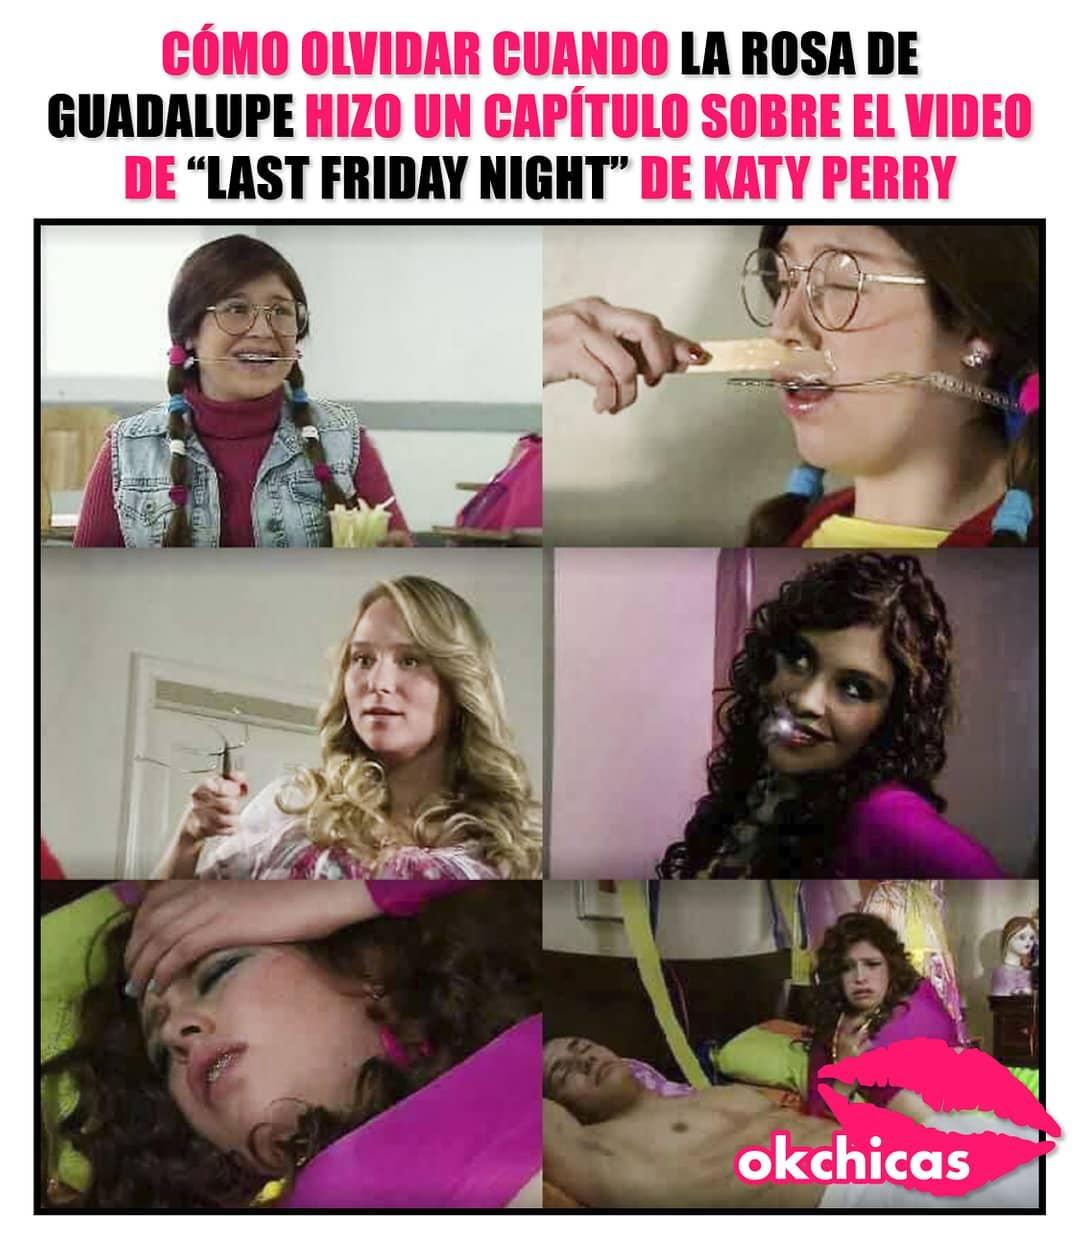 """Cómo olvidar cuando La Rosa de Guadalupe hizo un capítulo sobre el video de """"Las Friday Night"""" de Katy Perry."""